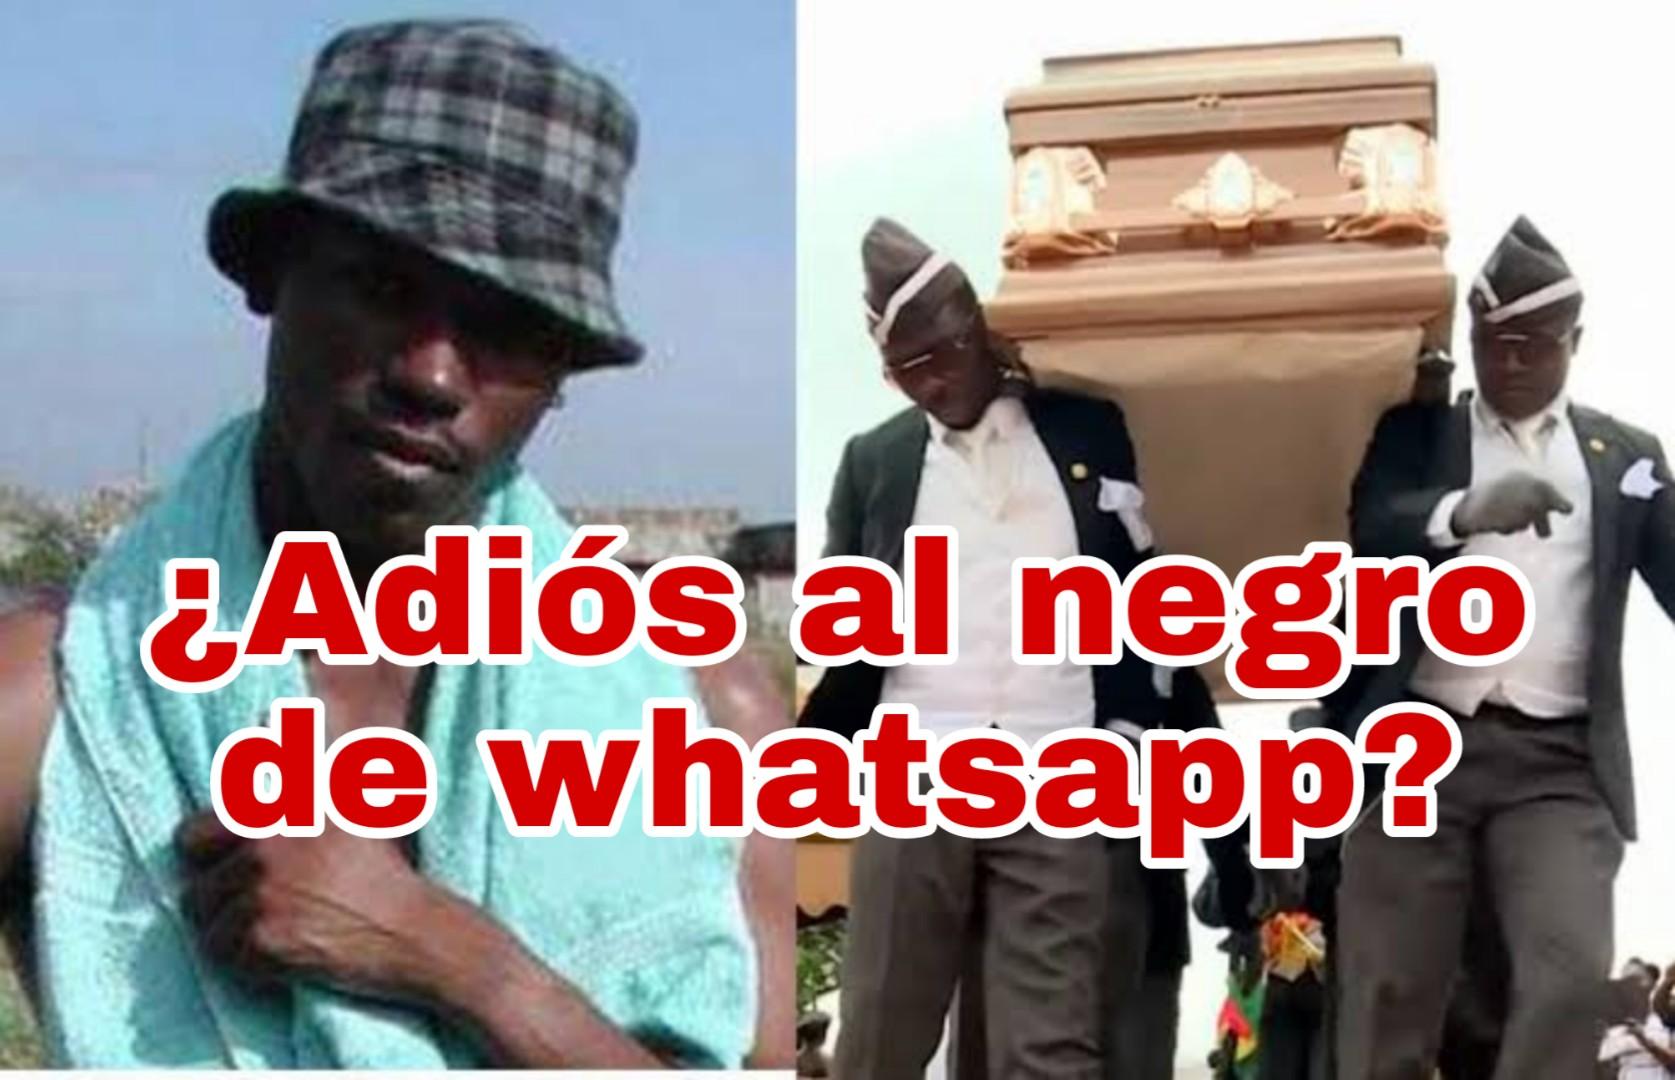 Todo listo para el entierro del negro de whatsapp